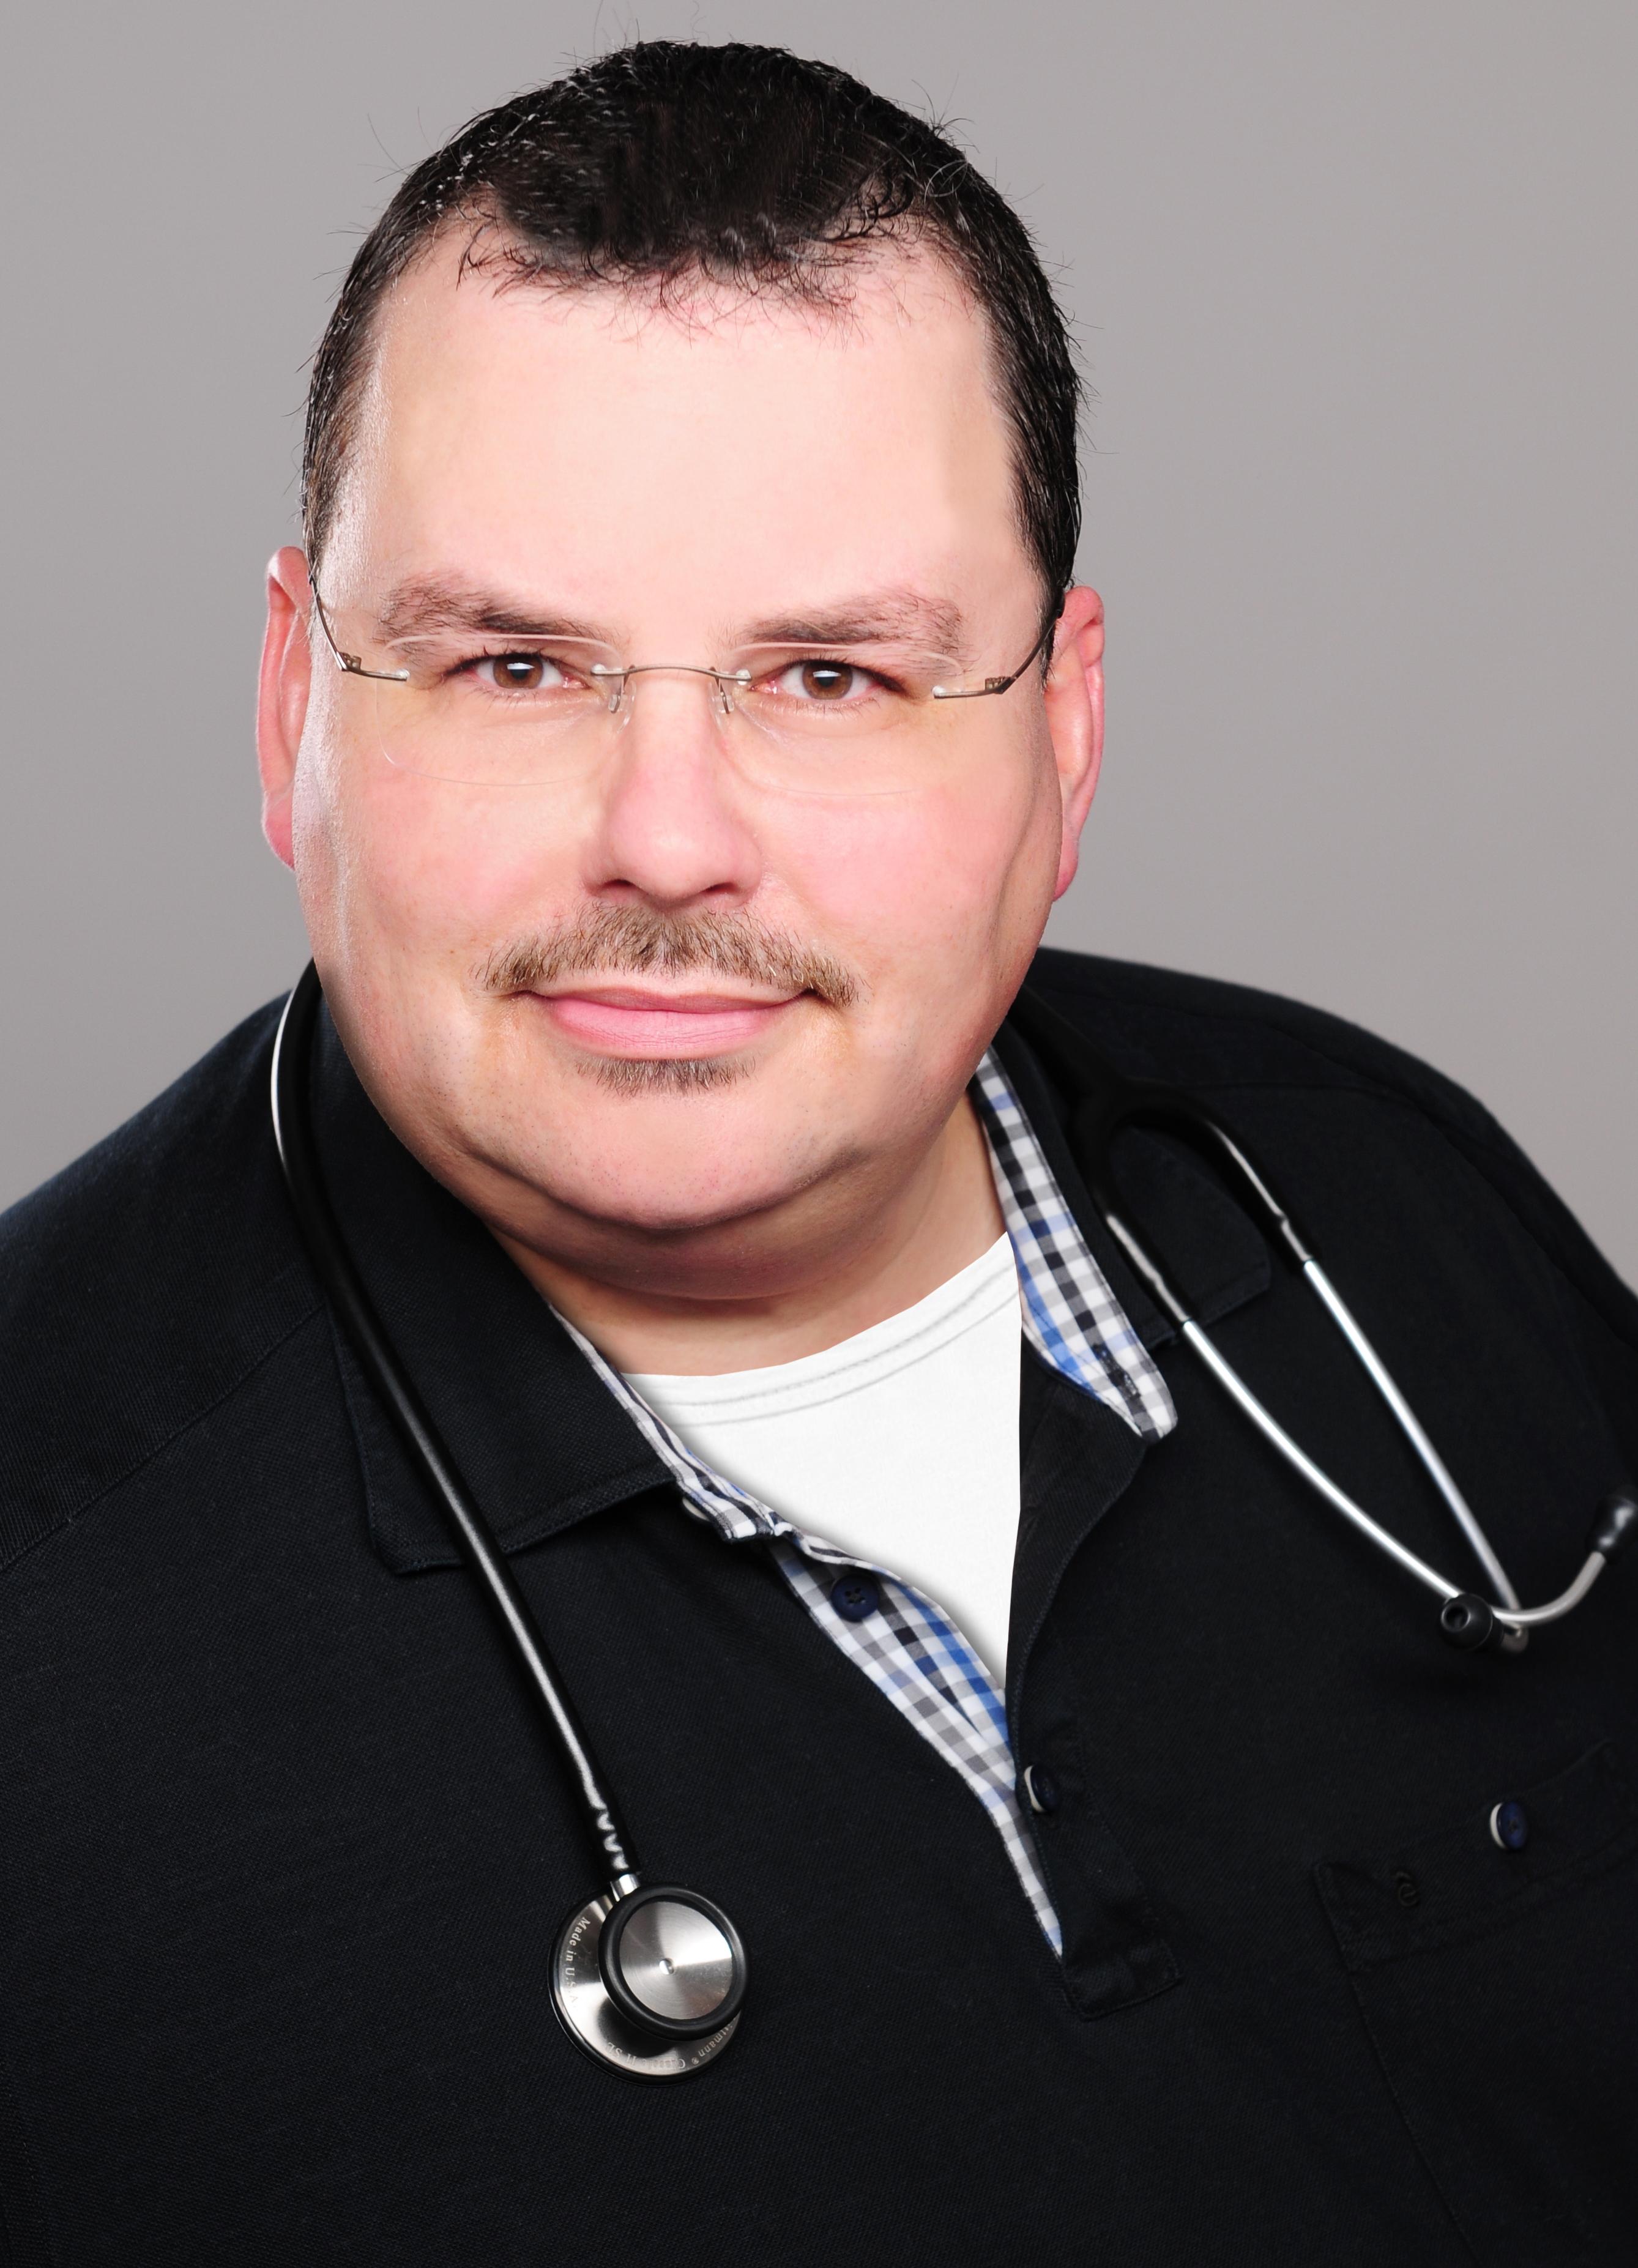 Heiko Lehmann, Arzt und Osteopath